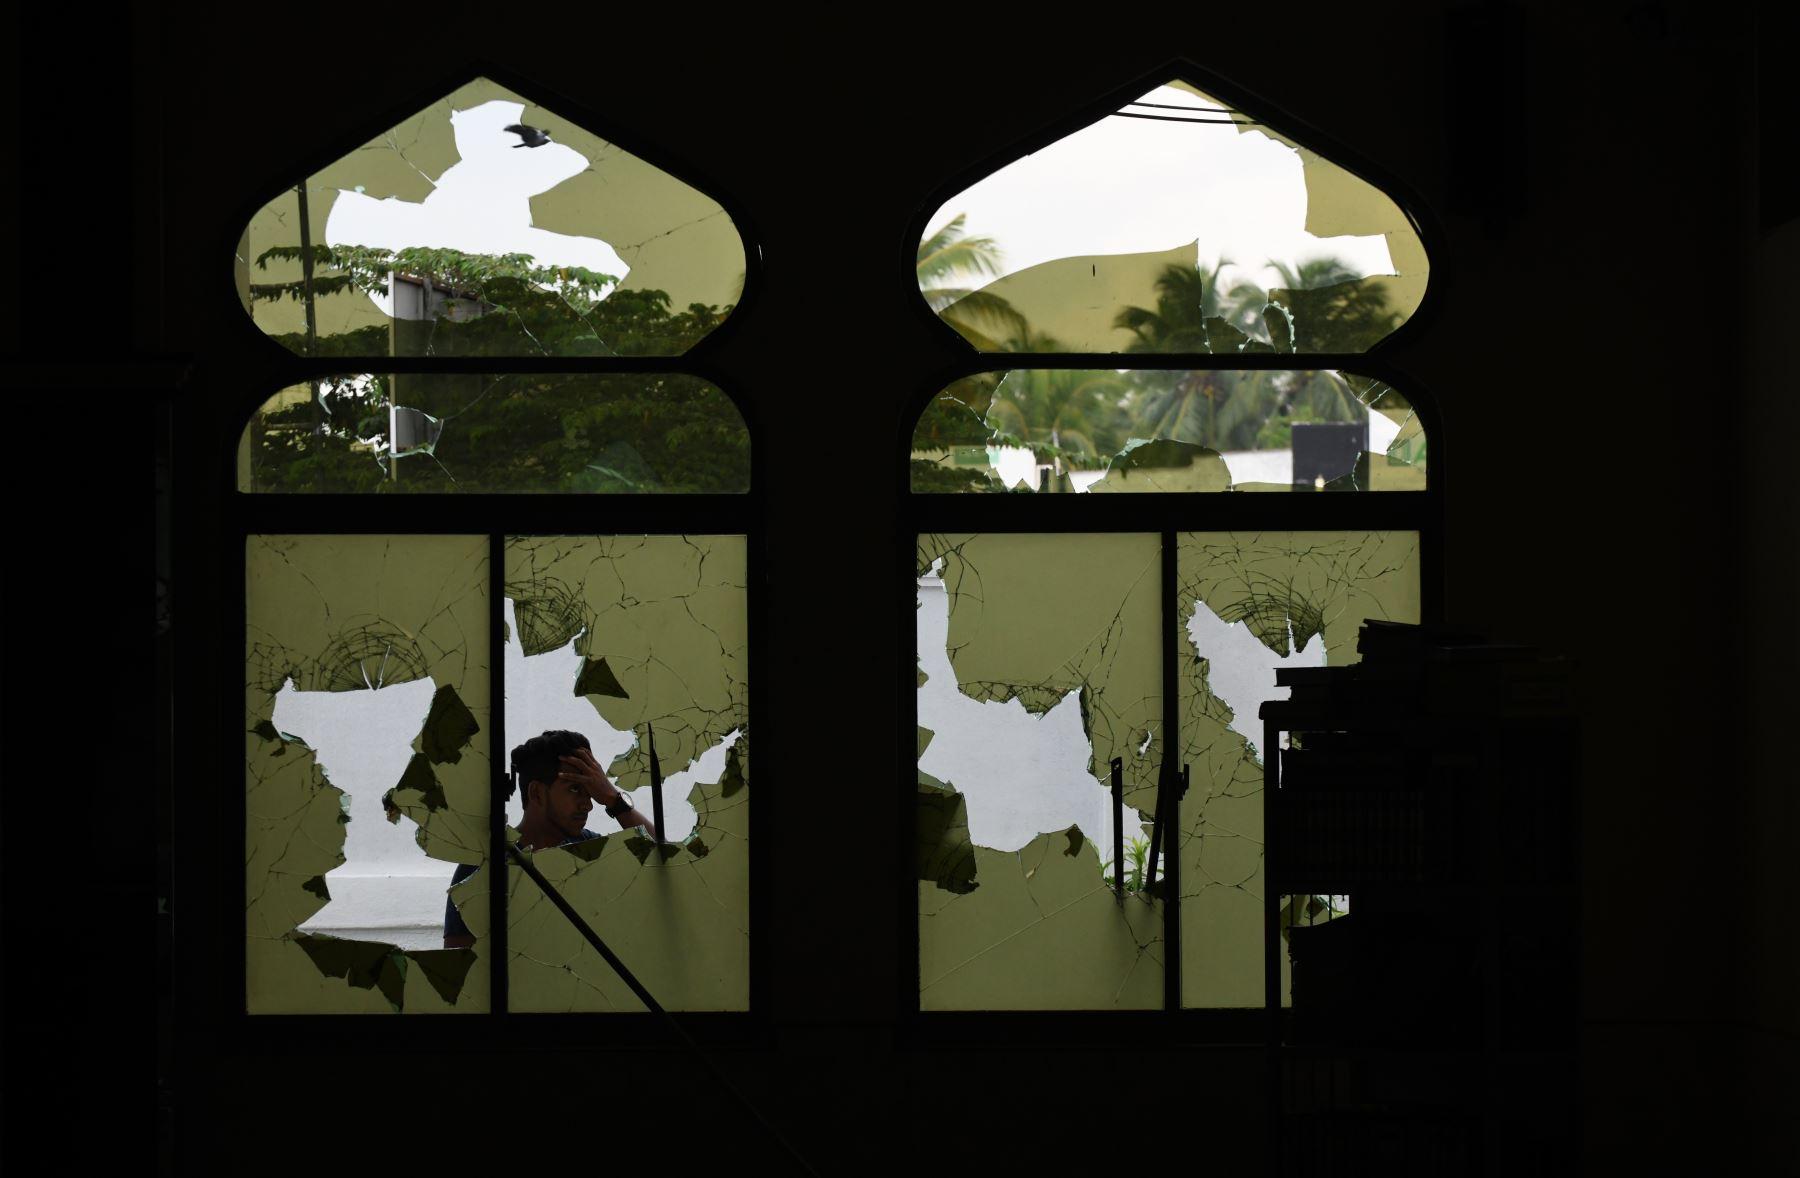 Un hombre camina por una tienda dañada después de un atentado en Sri Lanka. Foto: AFP